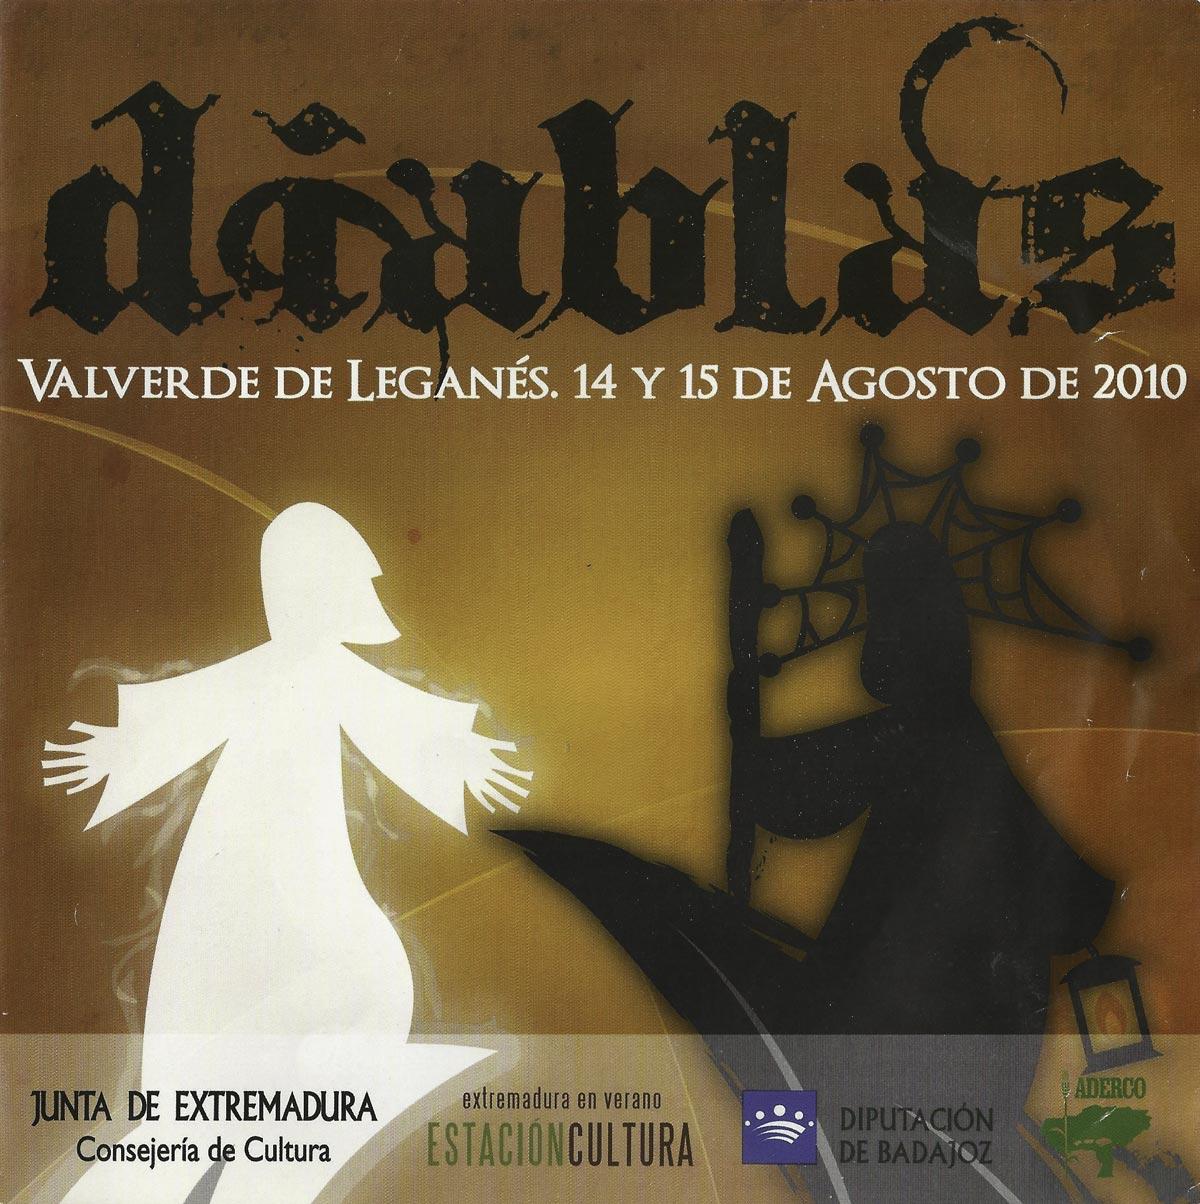 2005-las-diablas-guirigai-cartel-0003